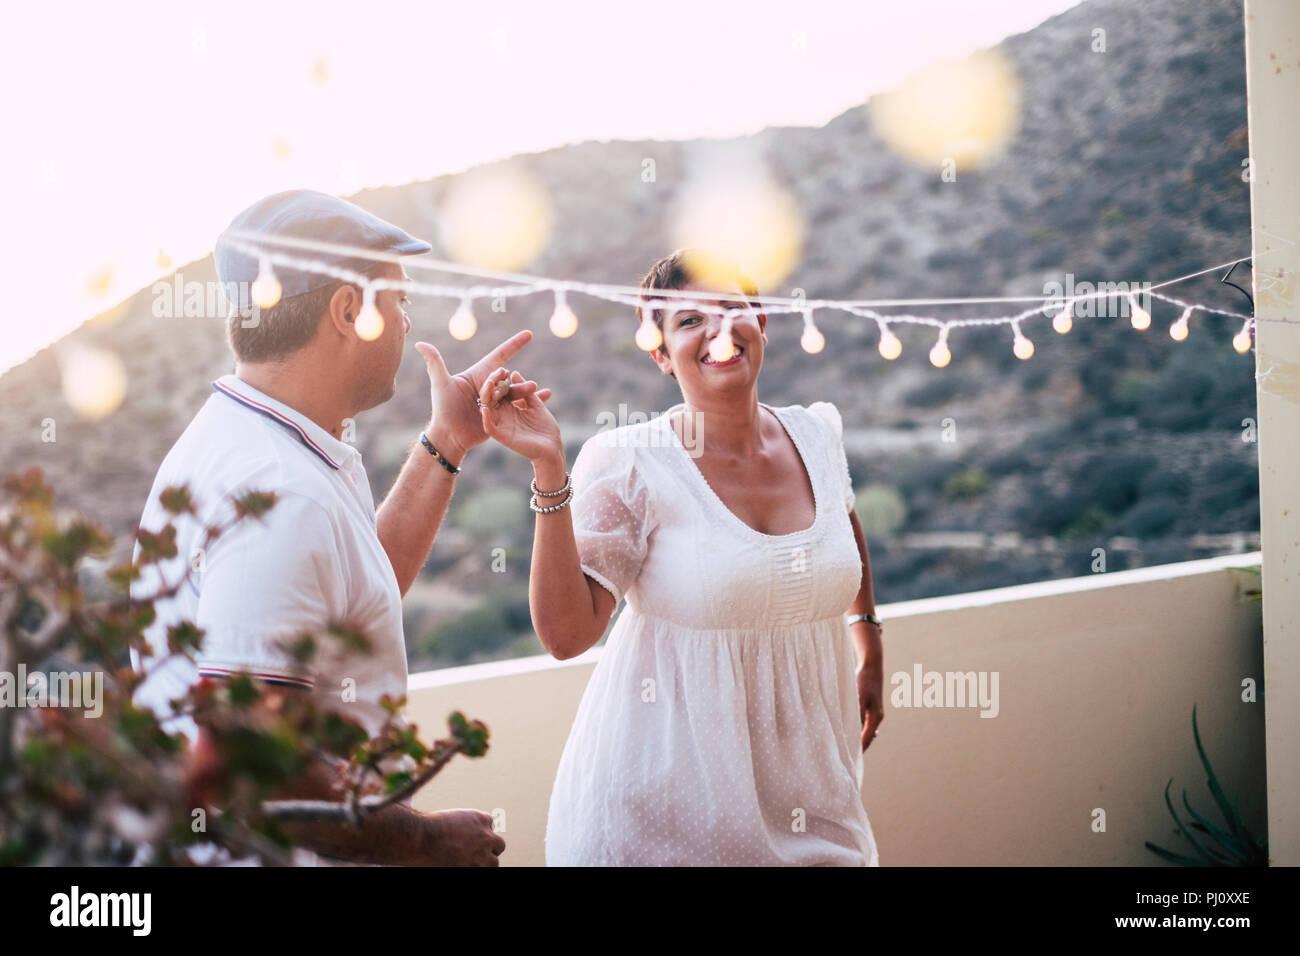 Feliz Pueblo Caucasiano bailando juntos en la casa en la terraza con las luces al atardecer. concepto de relación y romántica imagen para personas felices en Imagen De Stock